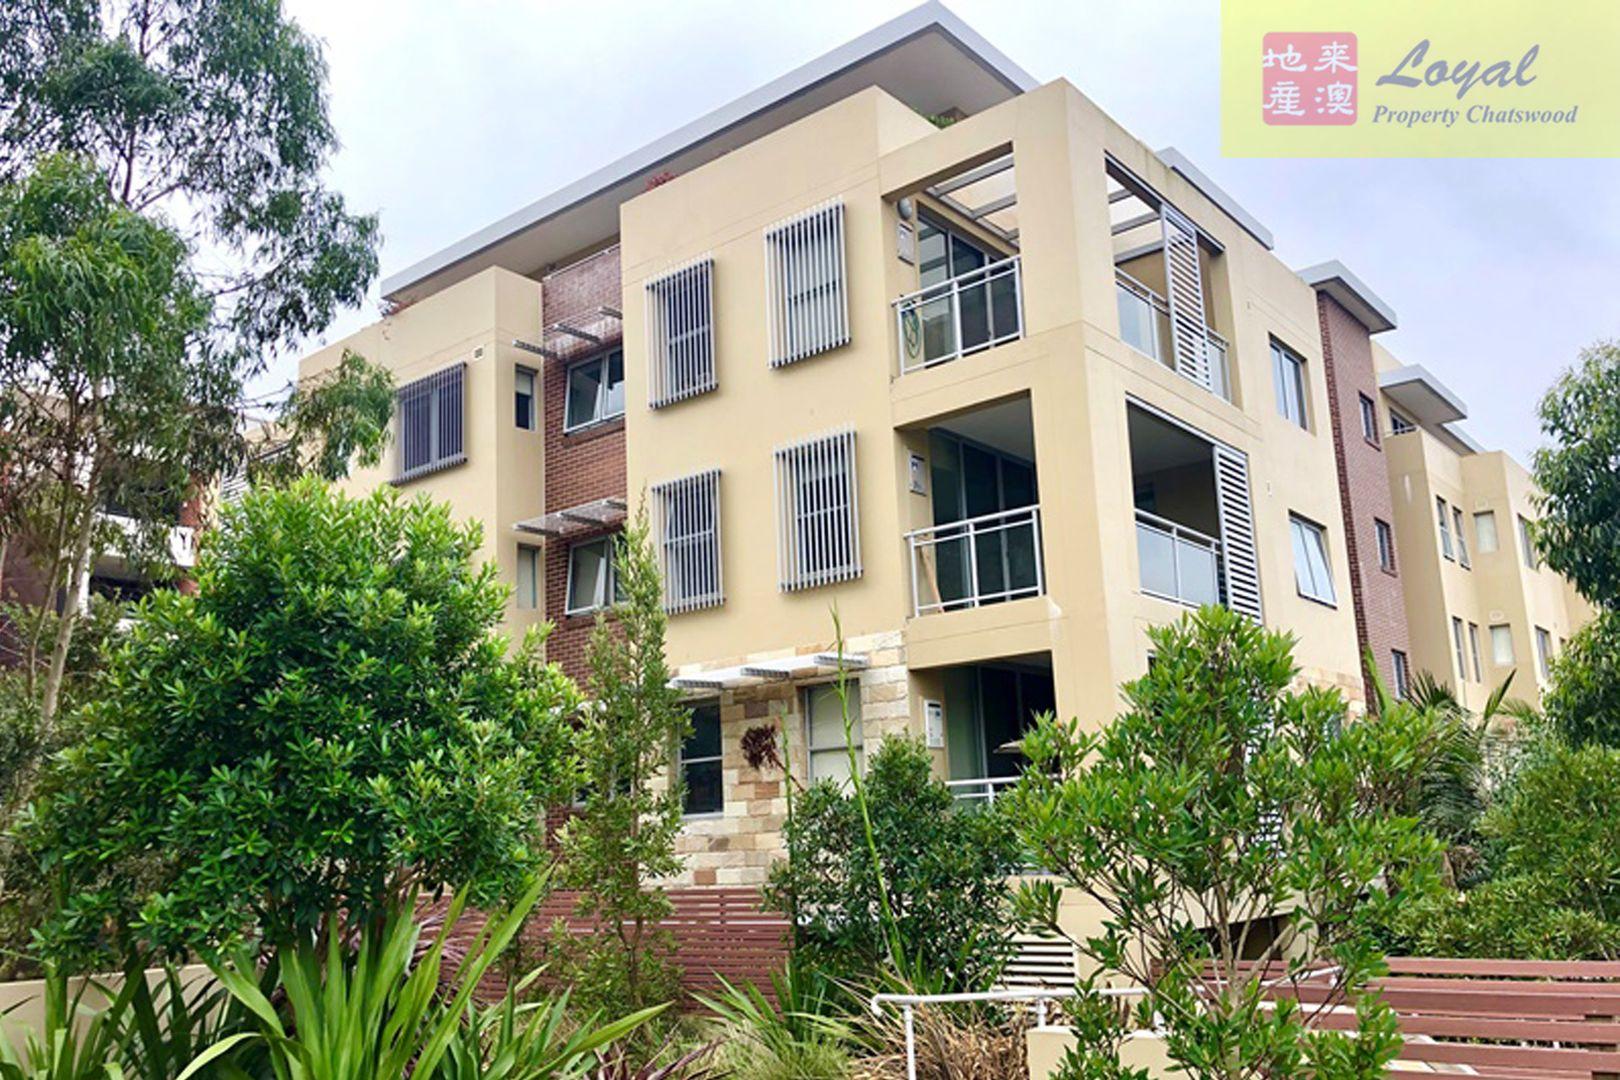 39/5-15 Boundary Street, Roseville NSW 2069, Image 0